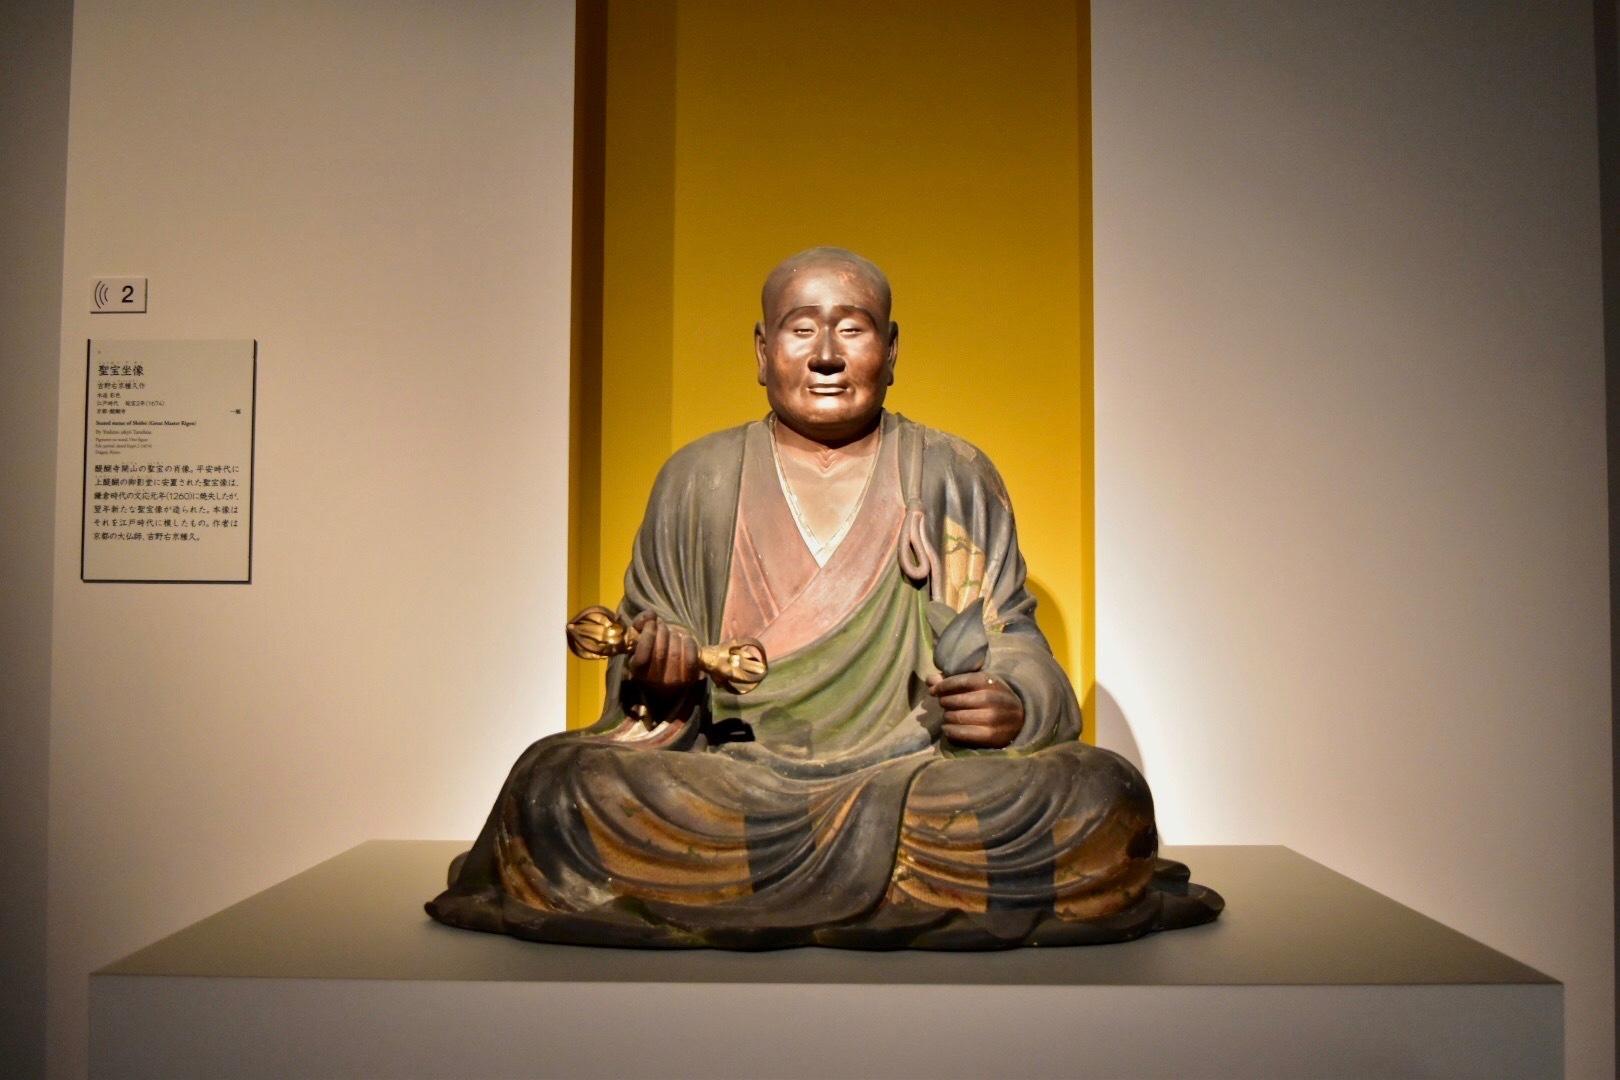 《聖宝坐像》 吉野右京種久作 江戸時代 延宝2年(1674) 醍醐寺蔵